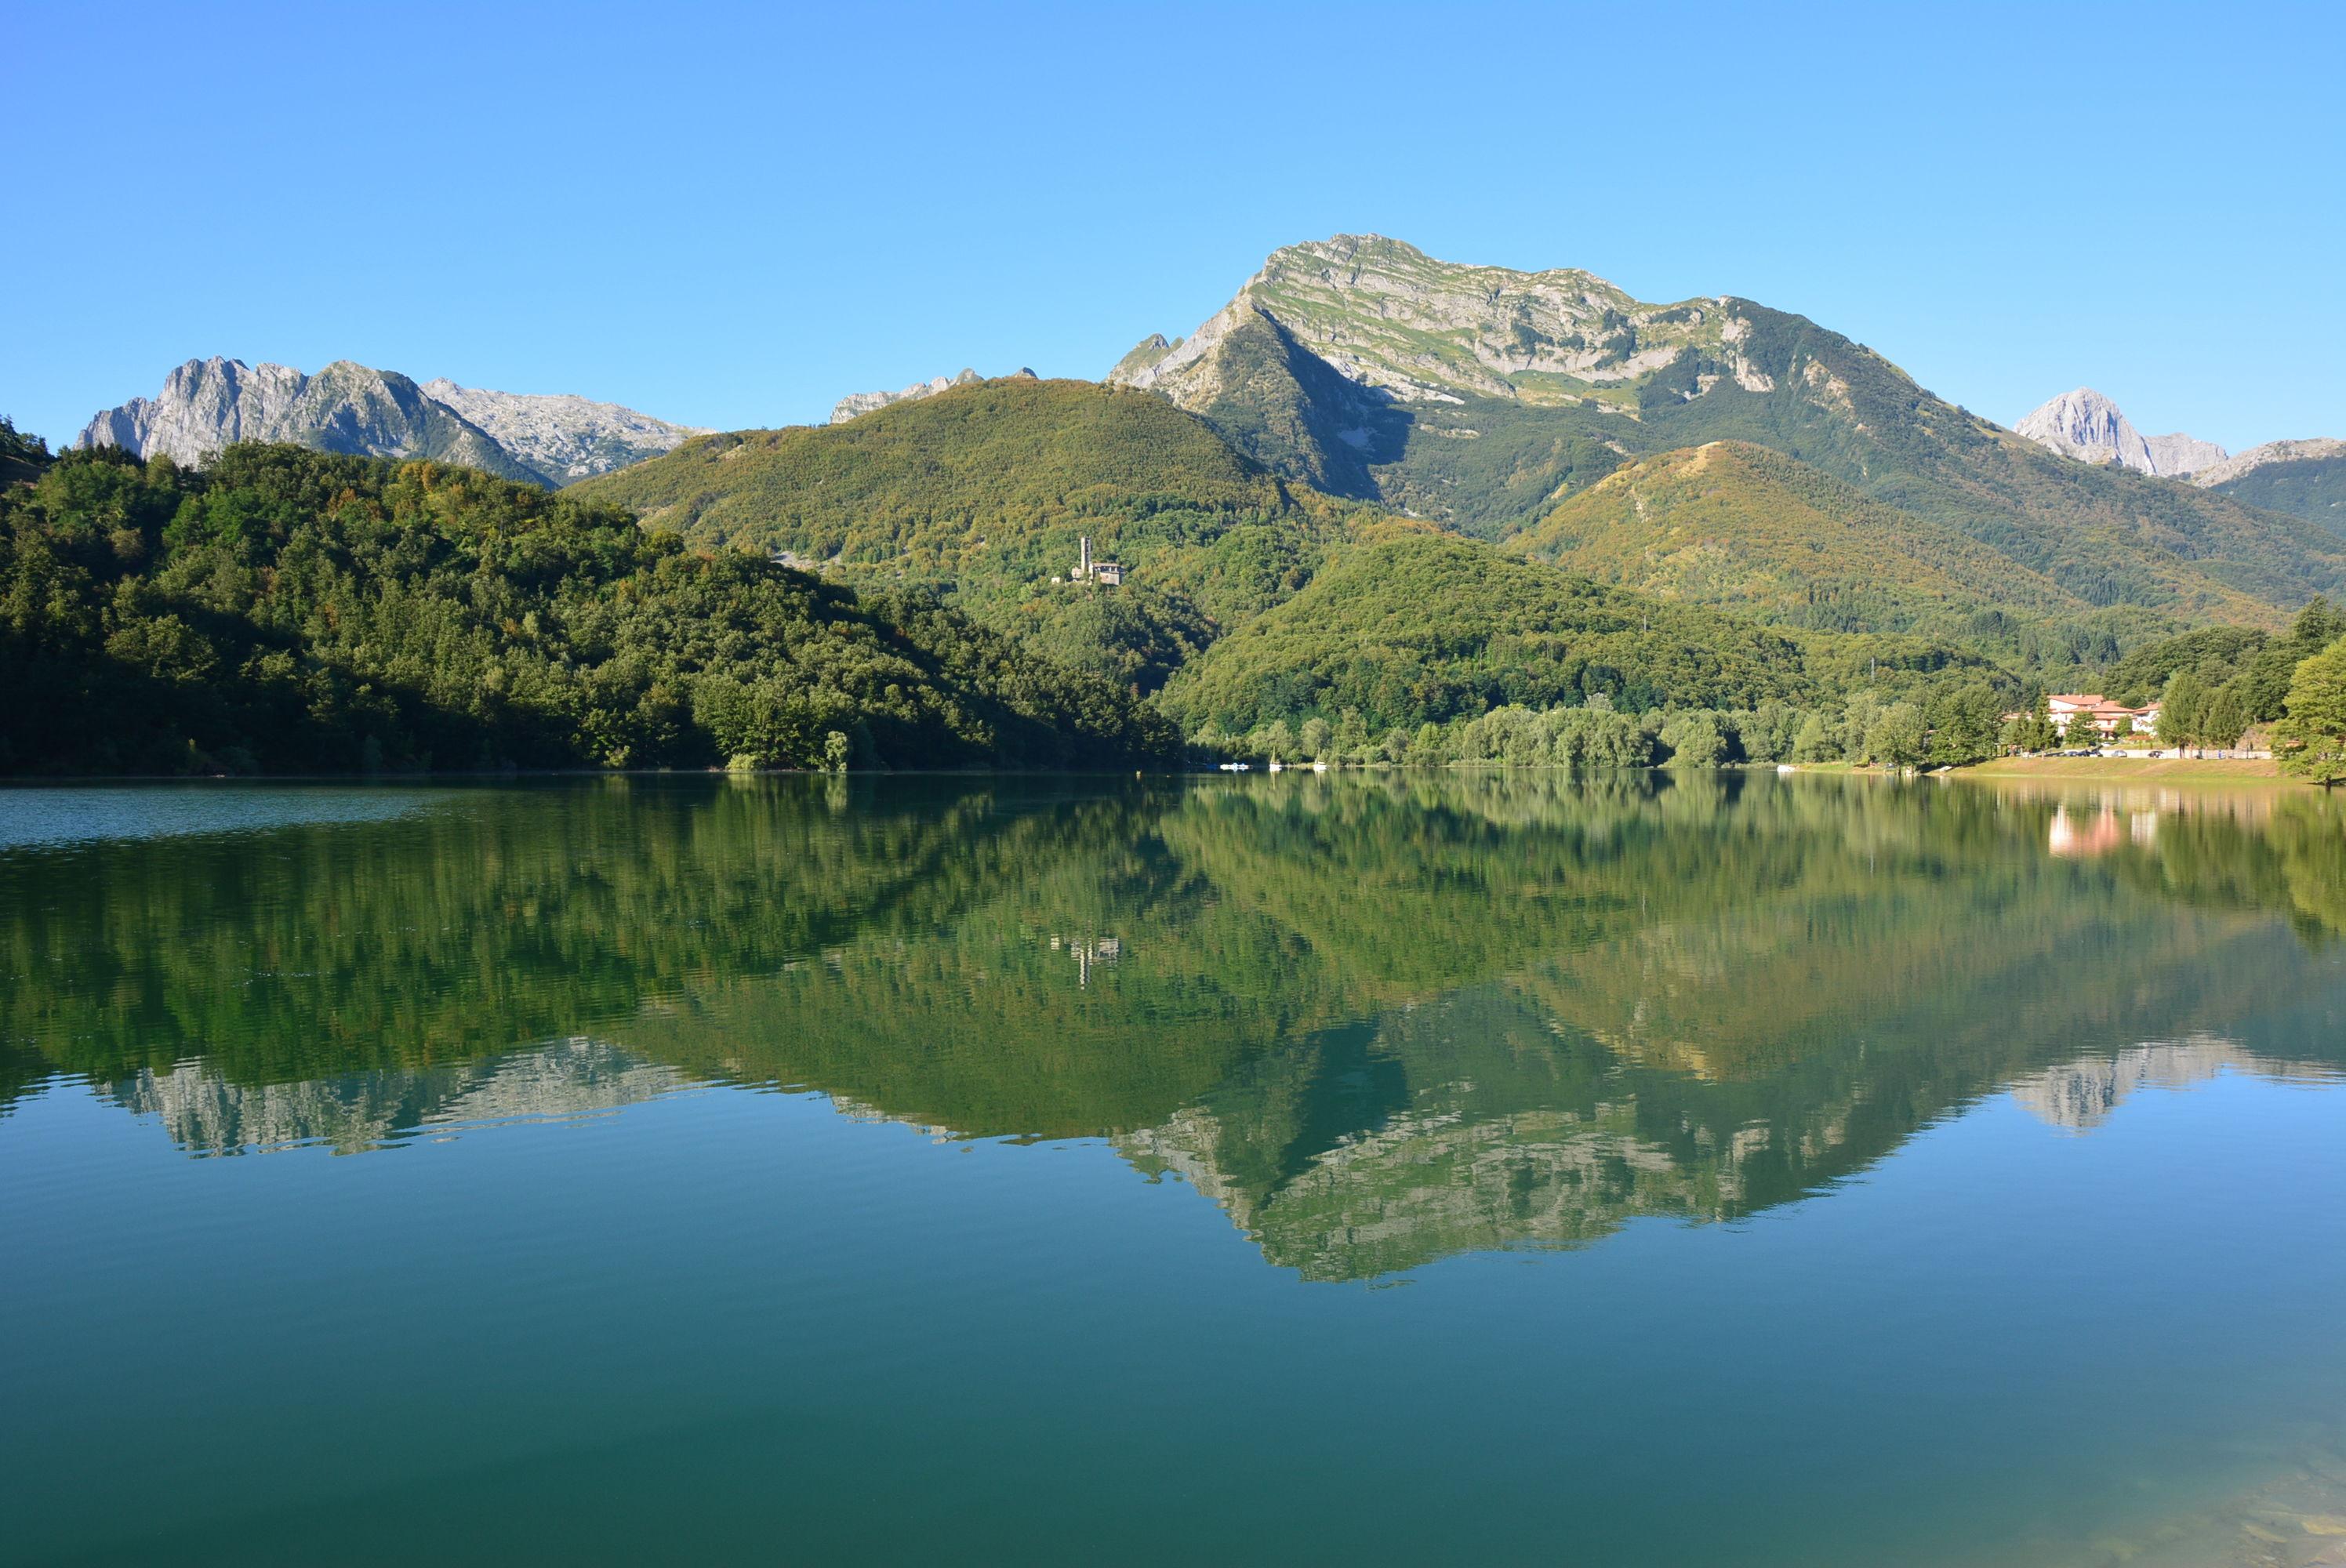 Minucciano - Persa tra le Apuane c'è una valle che cela un segreto - Toscana Ovunque Bella